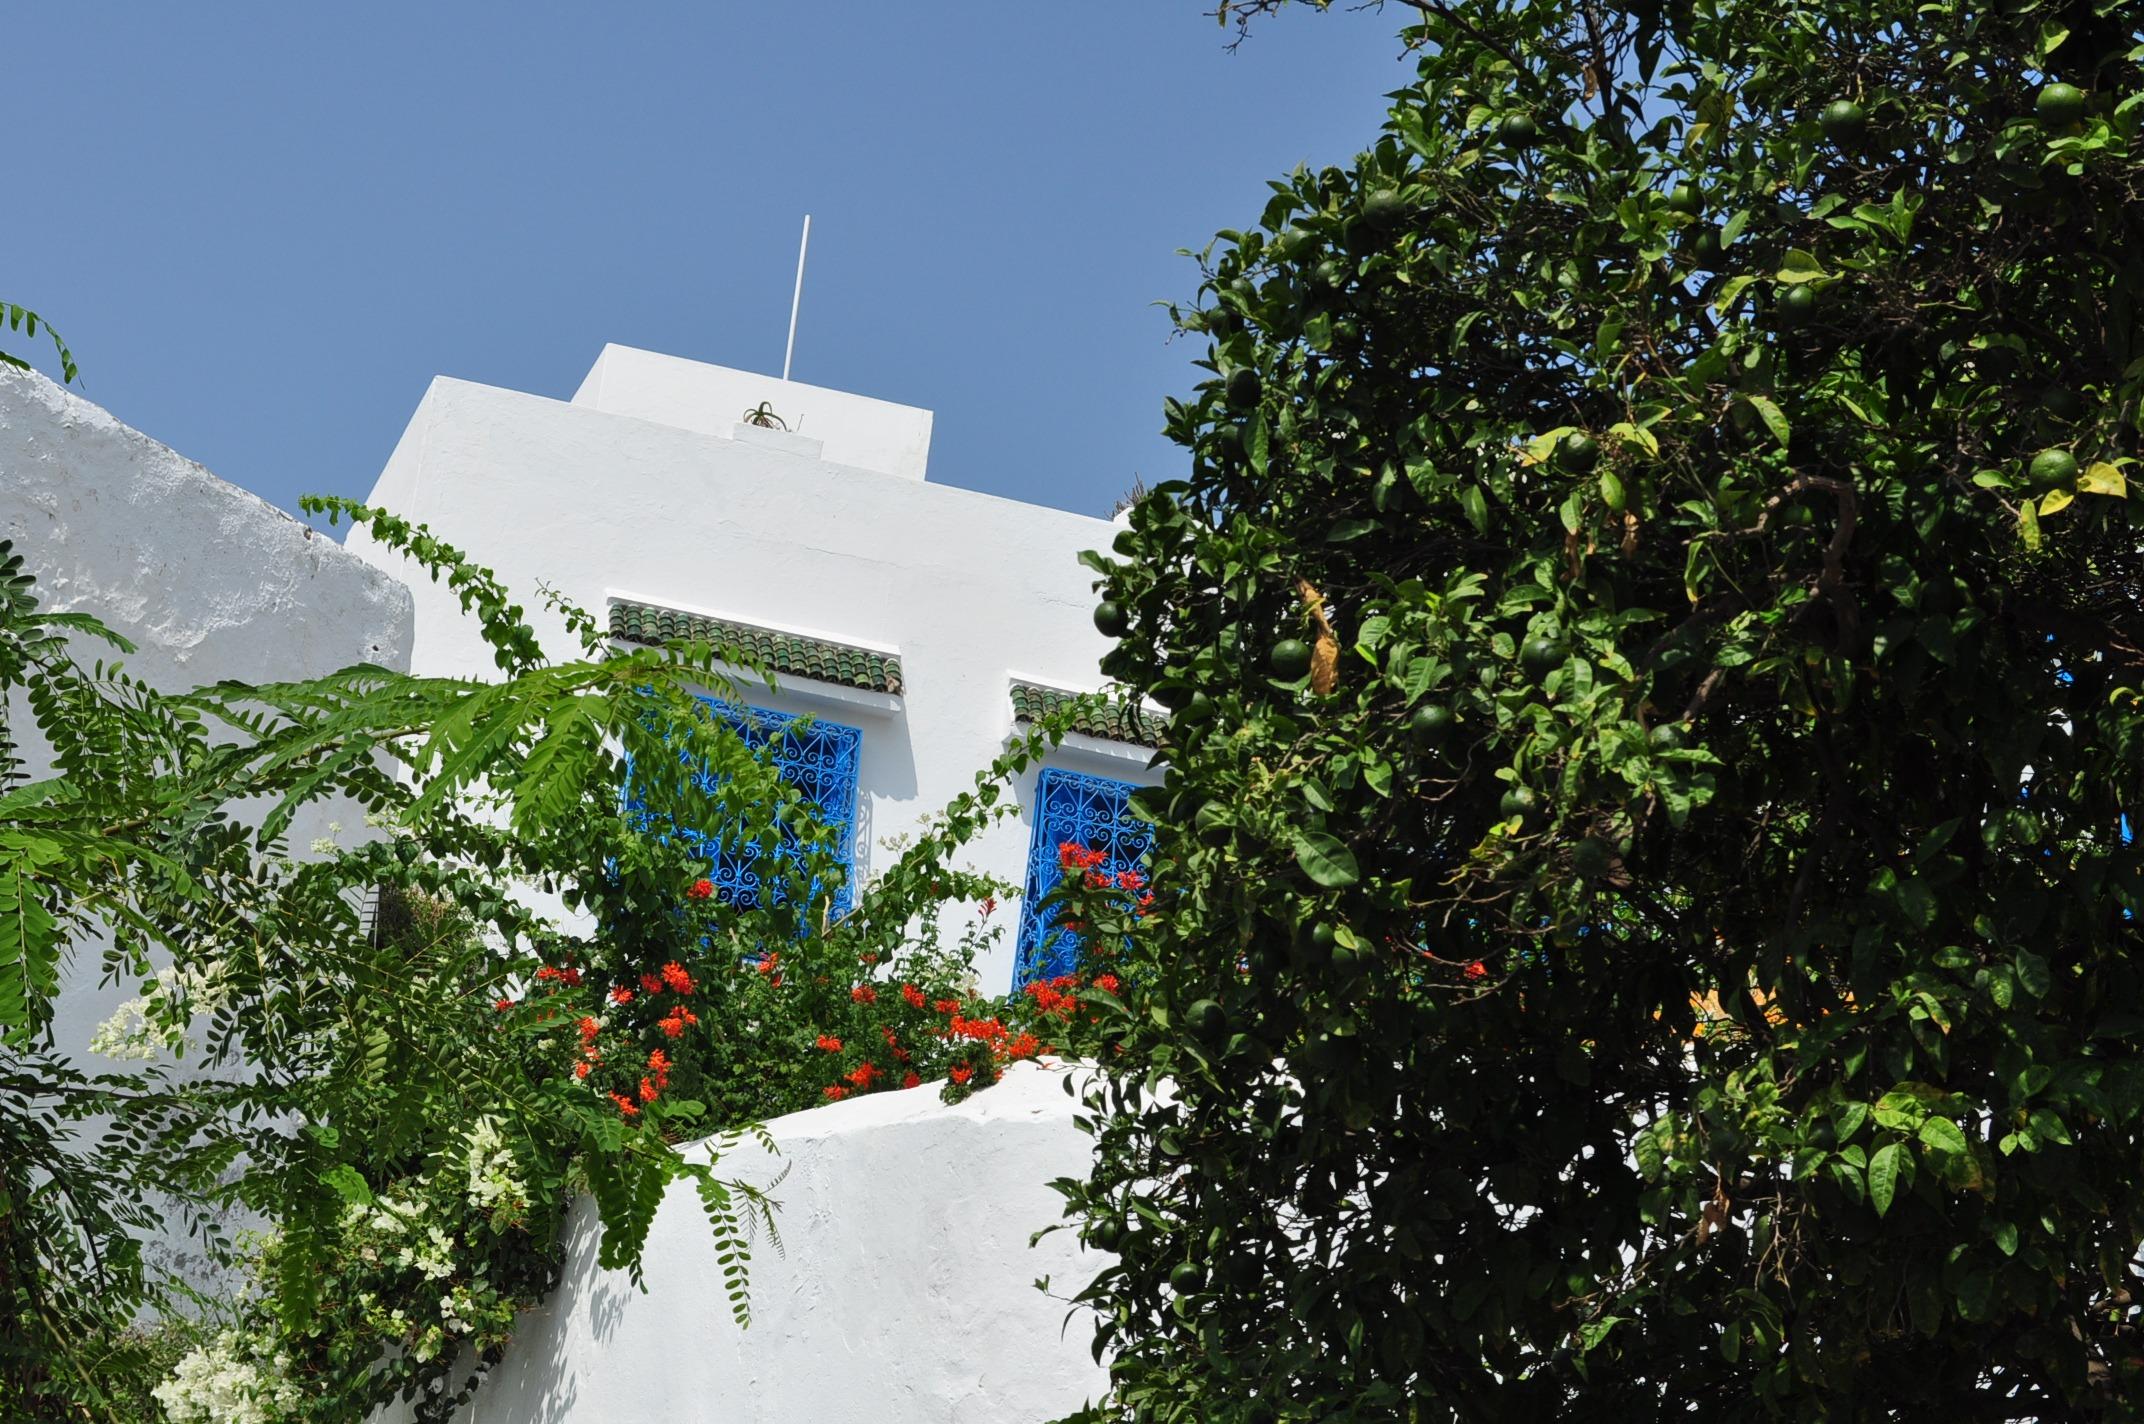 Ето я и синьо-бялата перла на Тунис -Сиди Бу Саид -